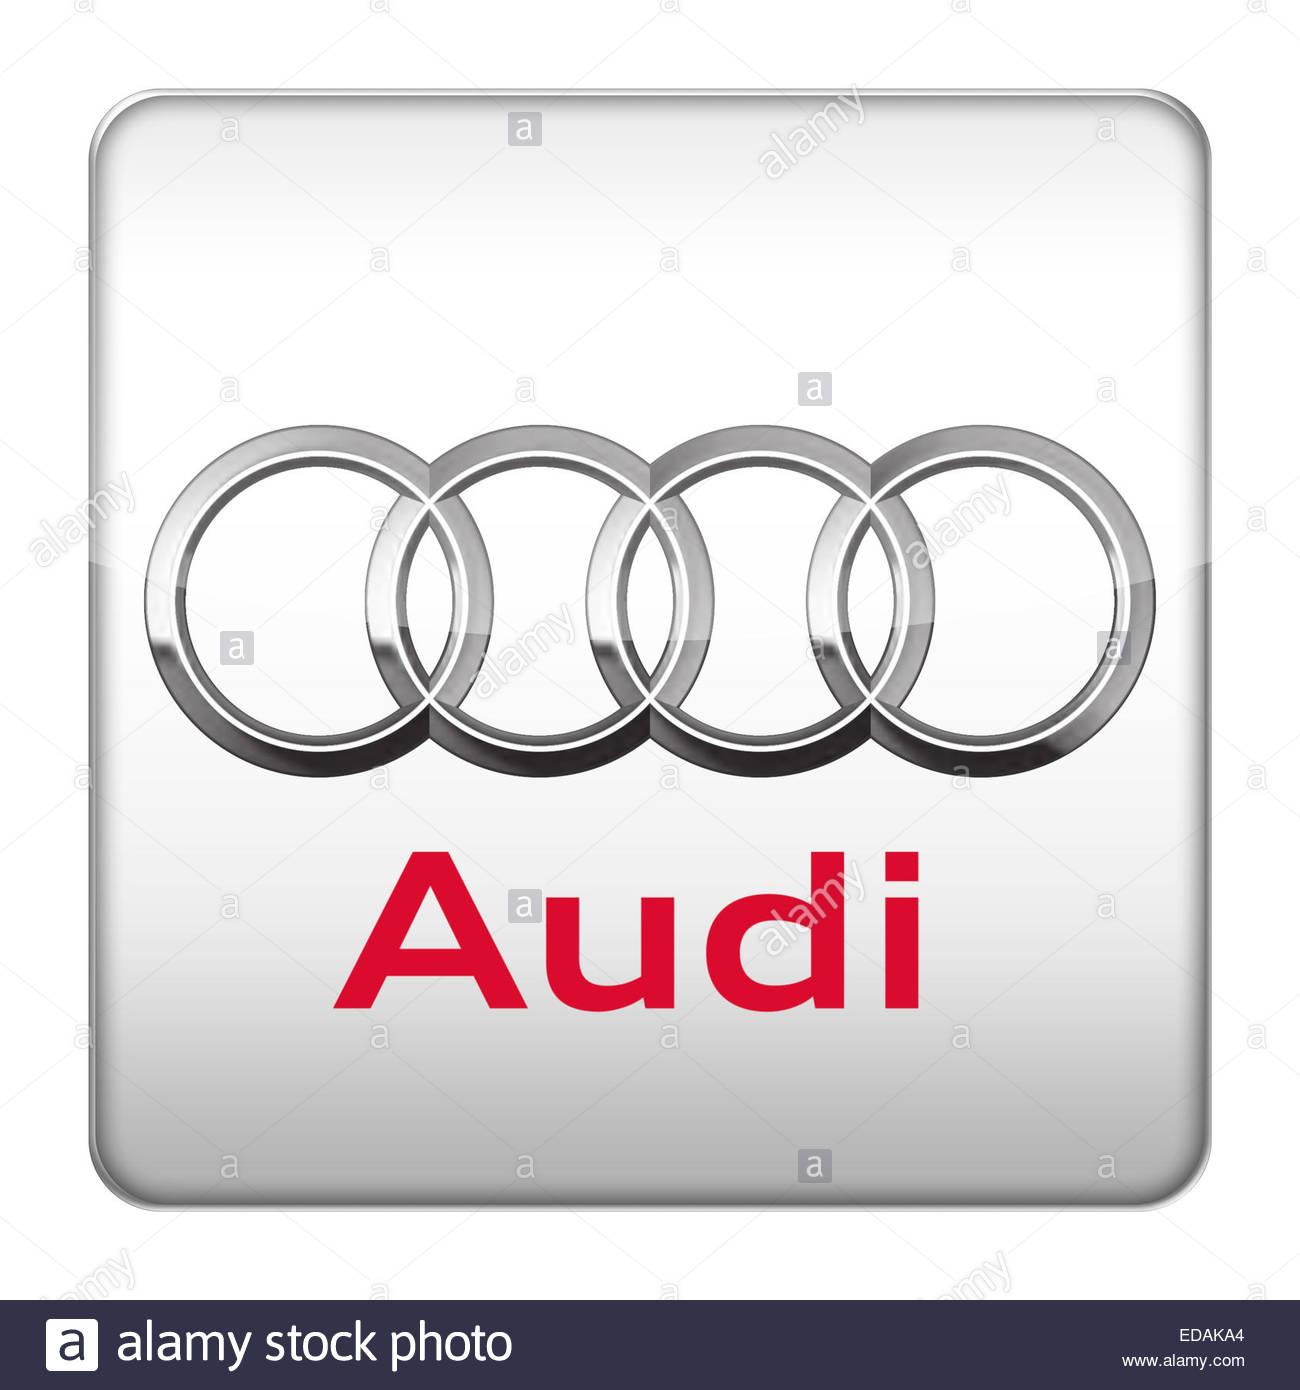 Audi Car Symbol Stock Photos Audi Car Symbol Stock Images Alamy - Audi symbol